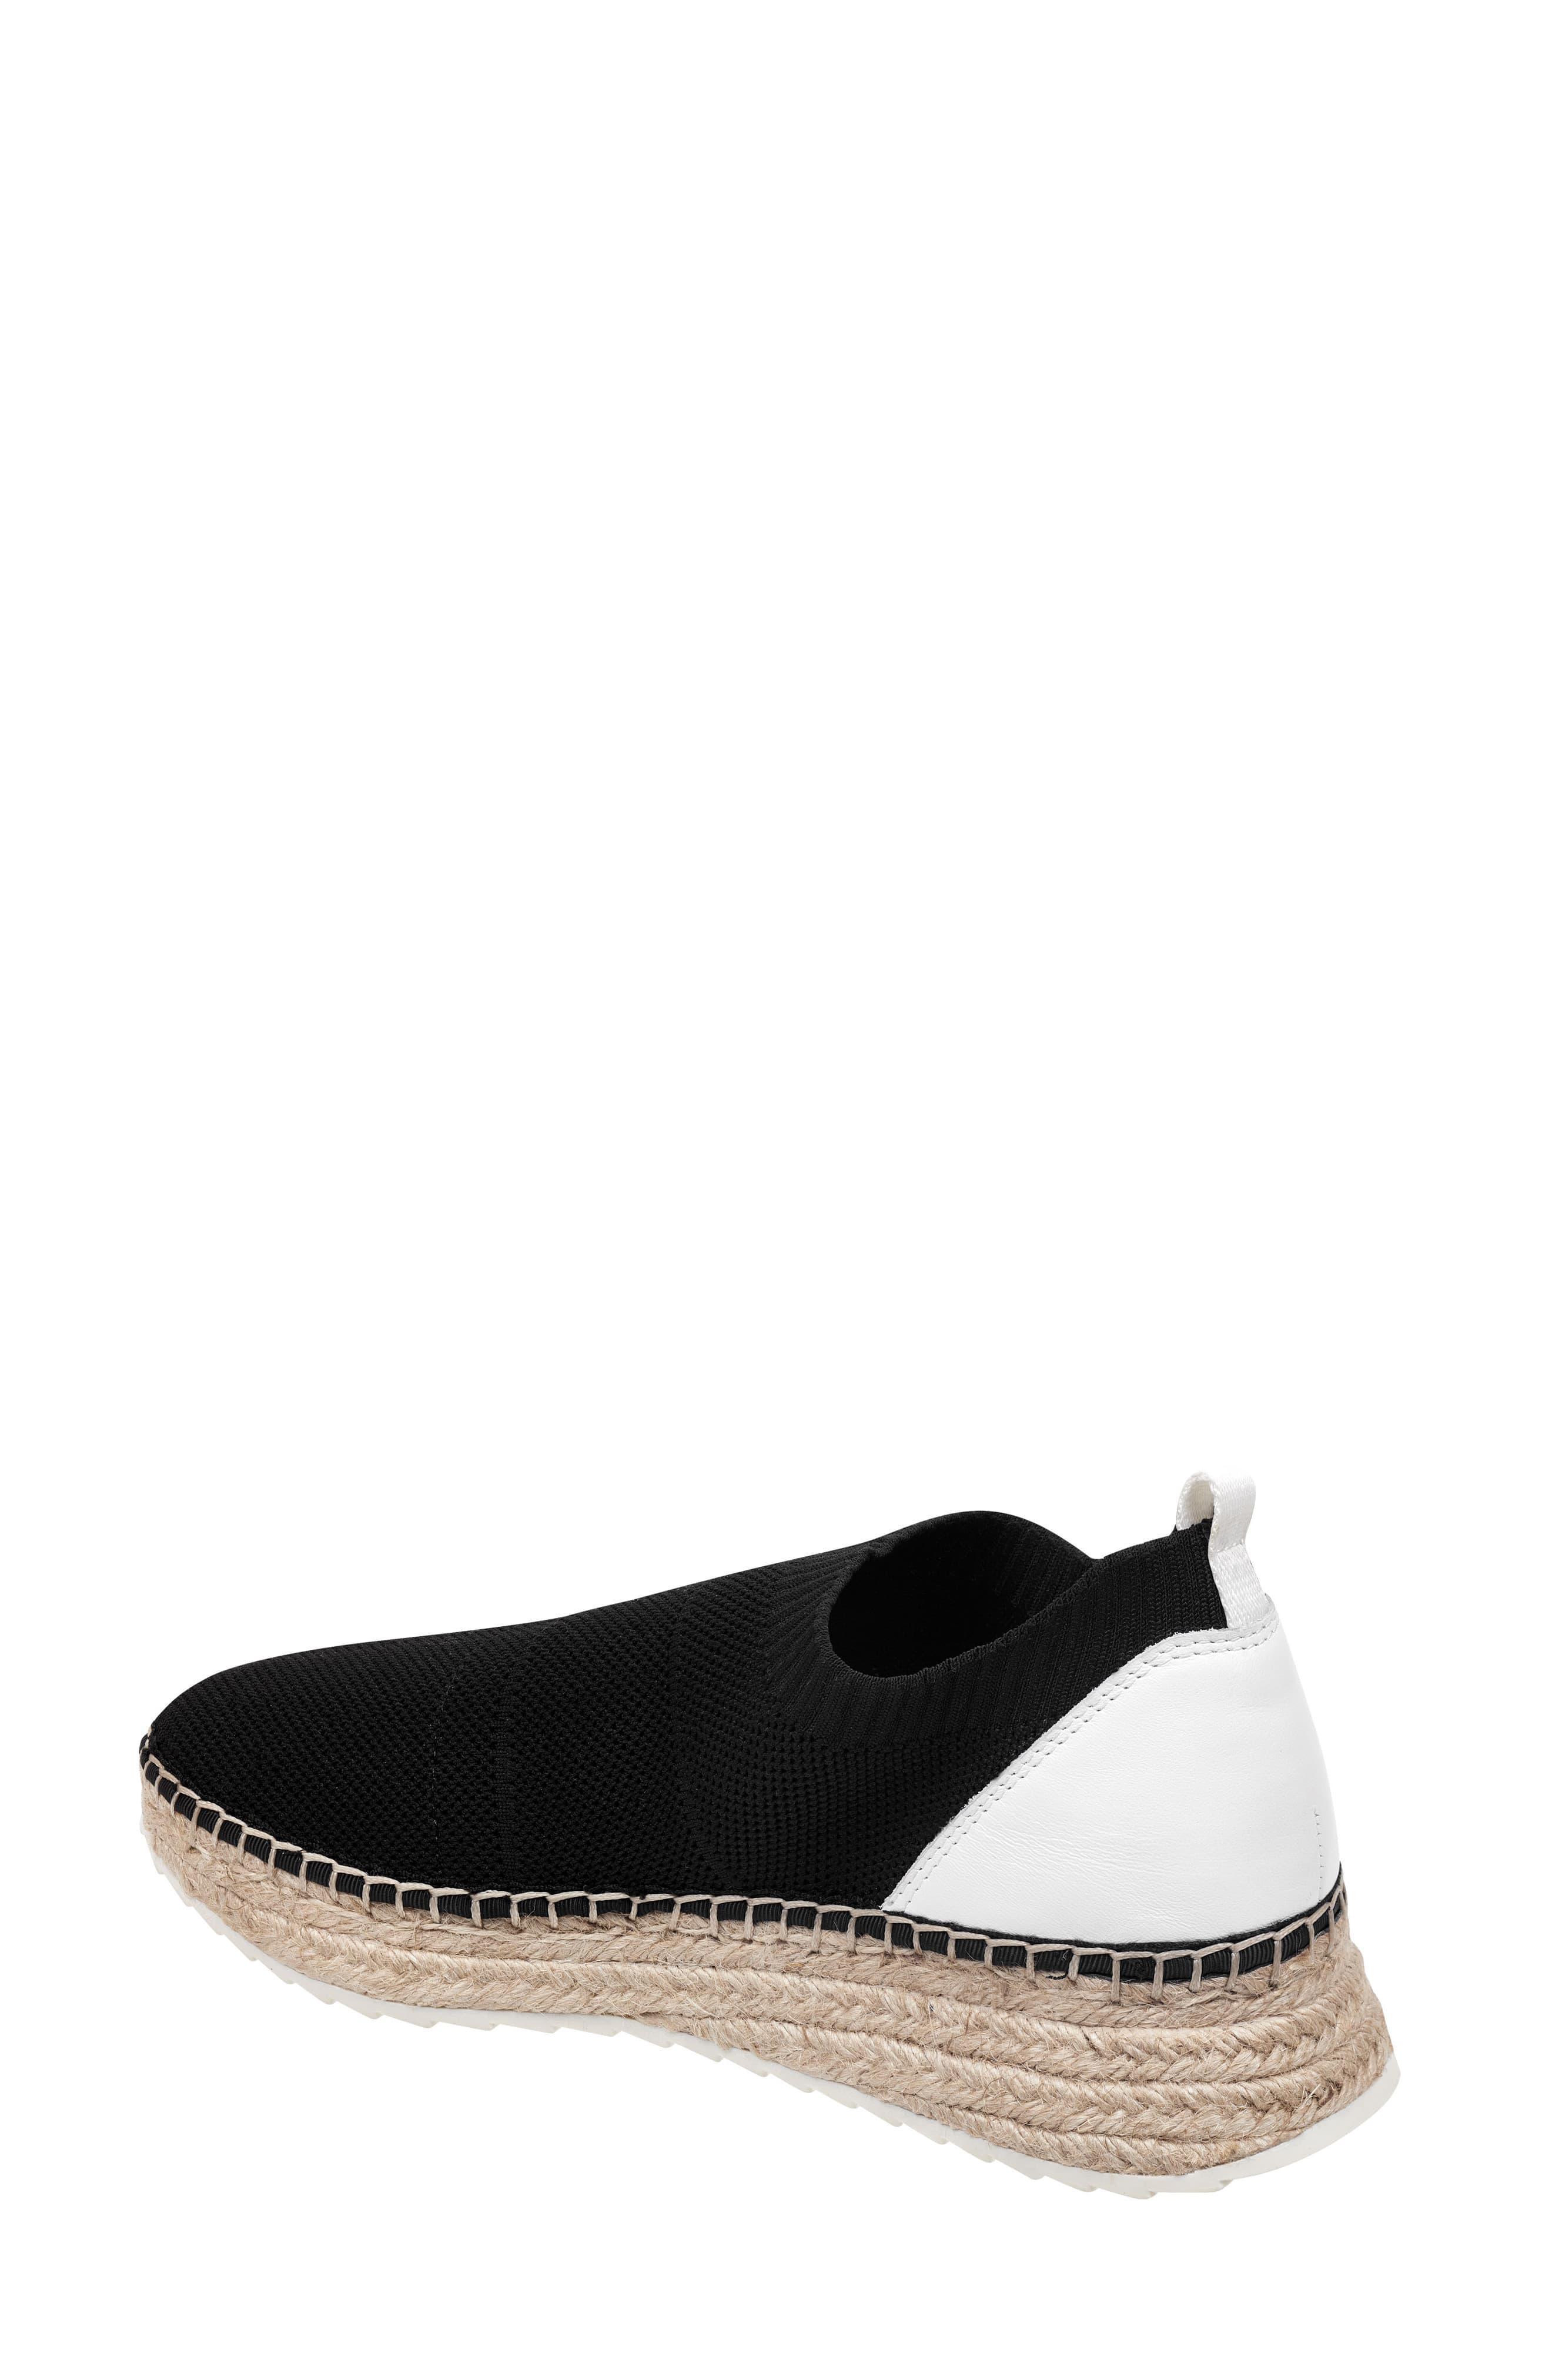 Marc Fisher Jilly Espadrille Sneaker in